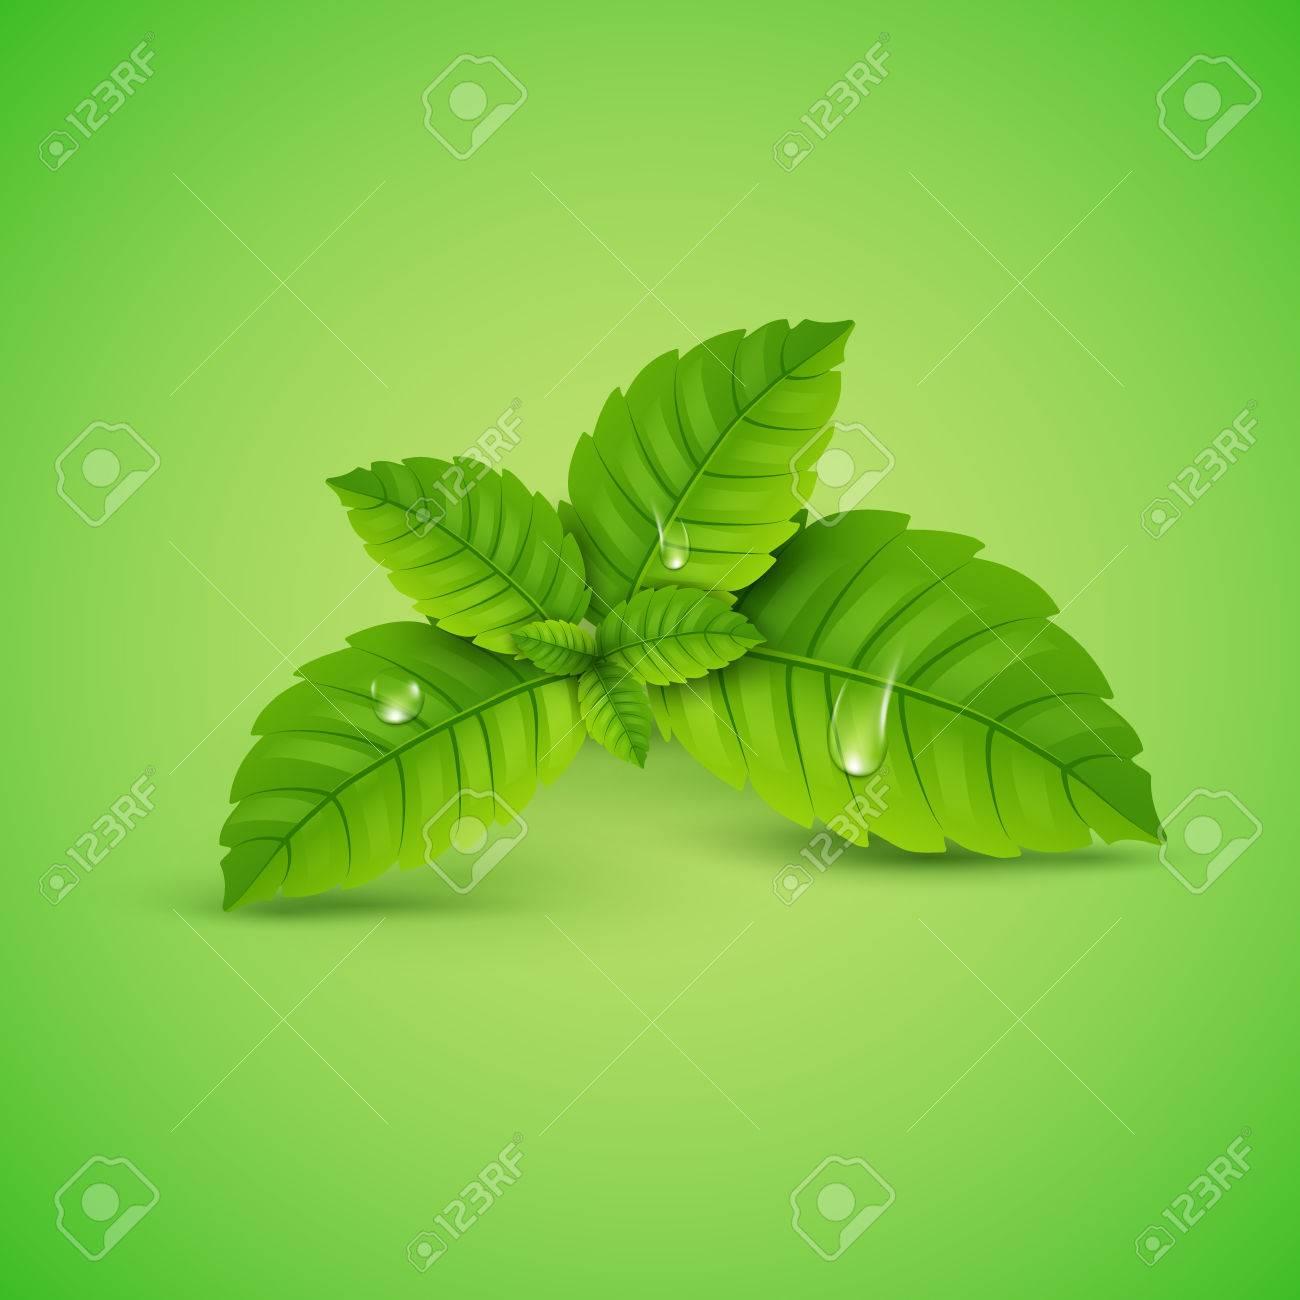 feuille de menthe fraiche. arôme sain de menthol vectoriel. plante